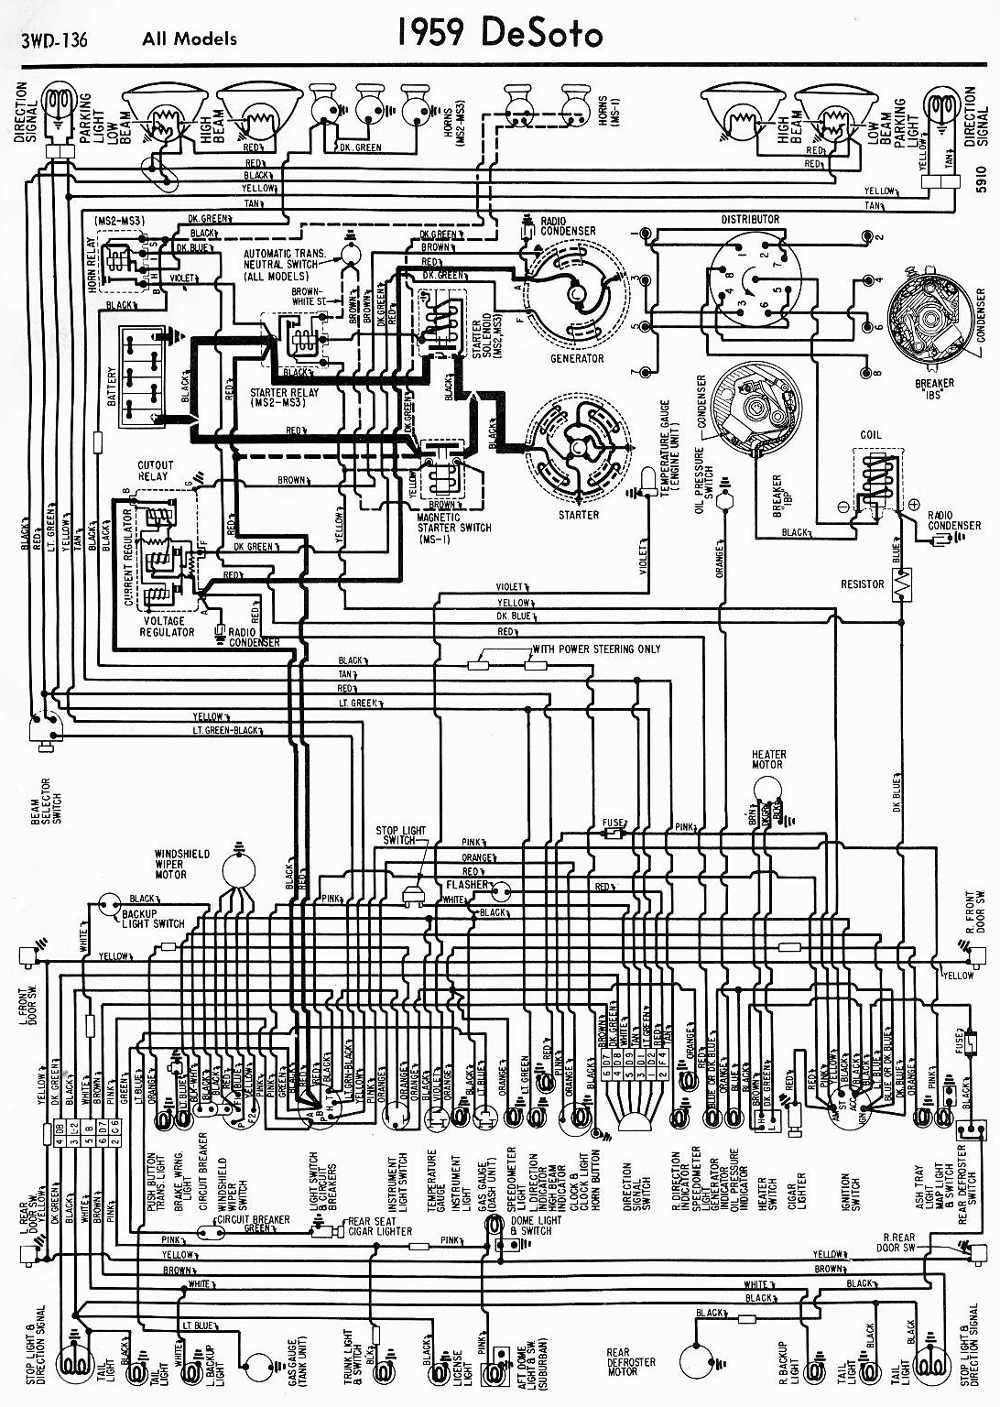 Desoto wiring diagram trusted wiring diagram de soto car manuals wiring diagrams pdf fault codes crosley wiring diagram desoto wiring diagram asfbconference2016 Gallery